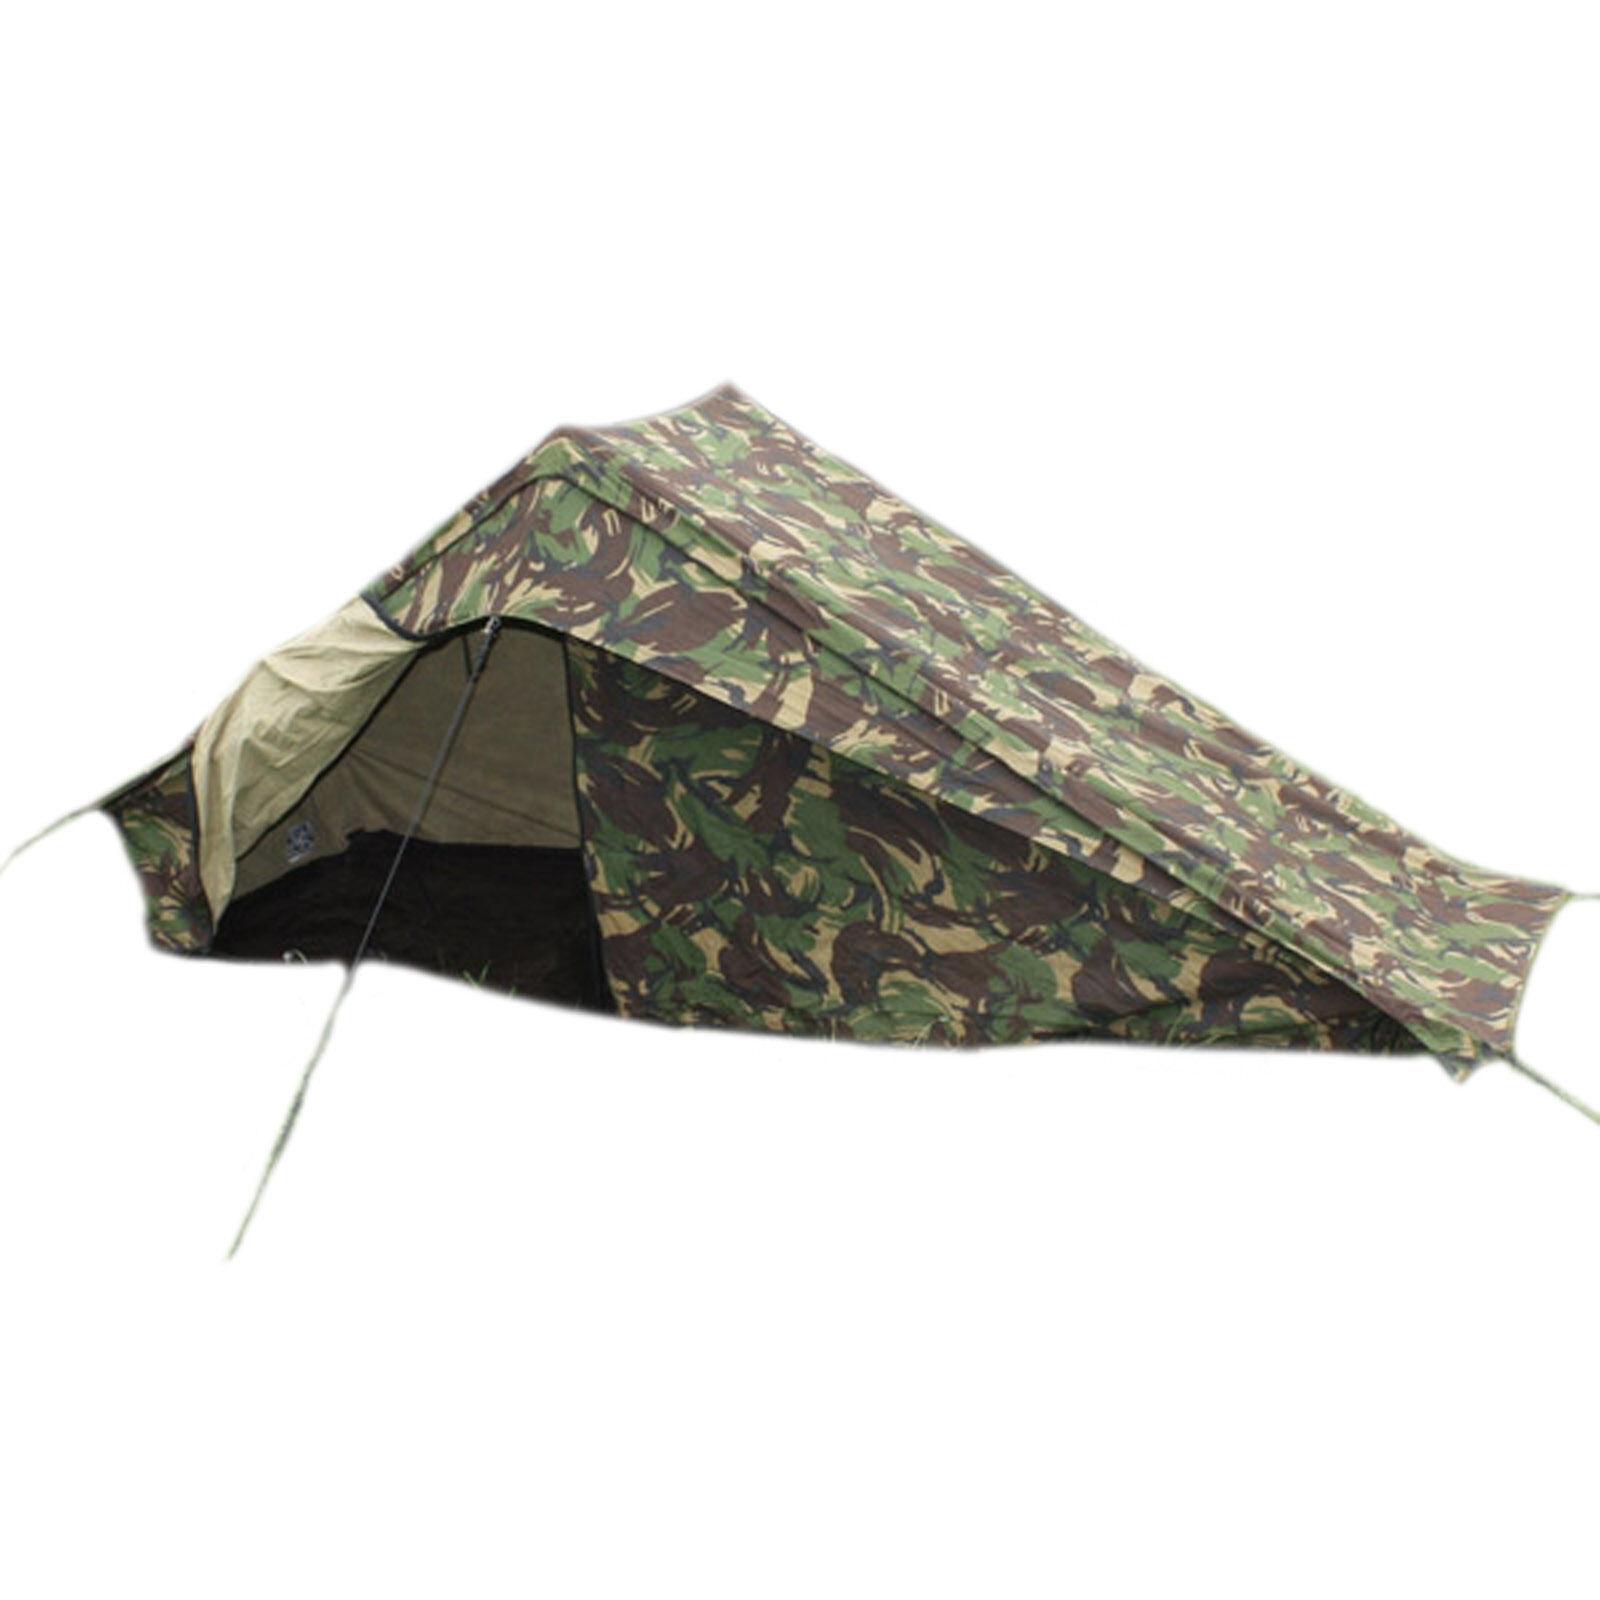 DUTCH ARMY CAMOUFLAGE 2 HOMMES tente tente tente avec groundsheet CHEVILLES & bâtons Grade 1 4469dc